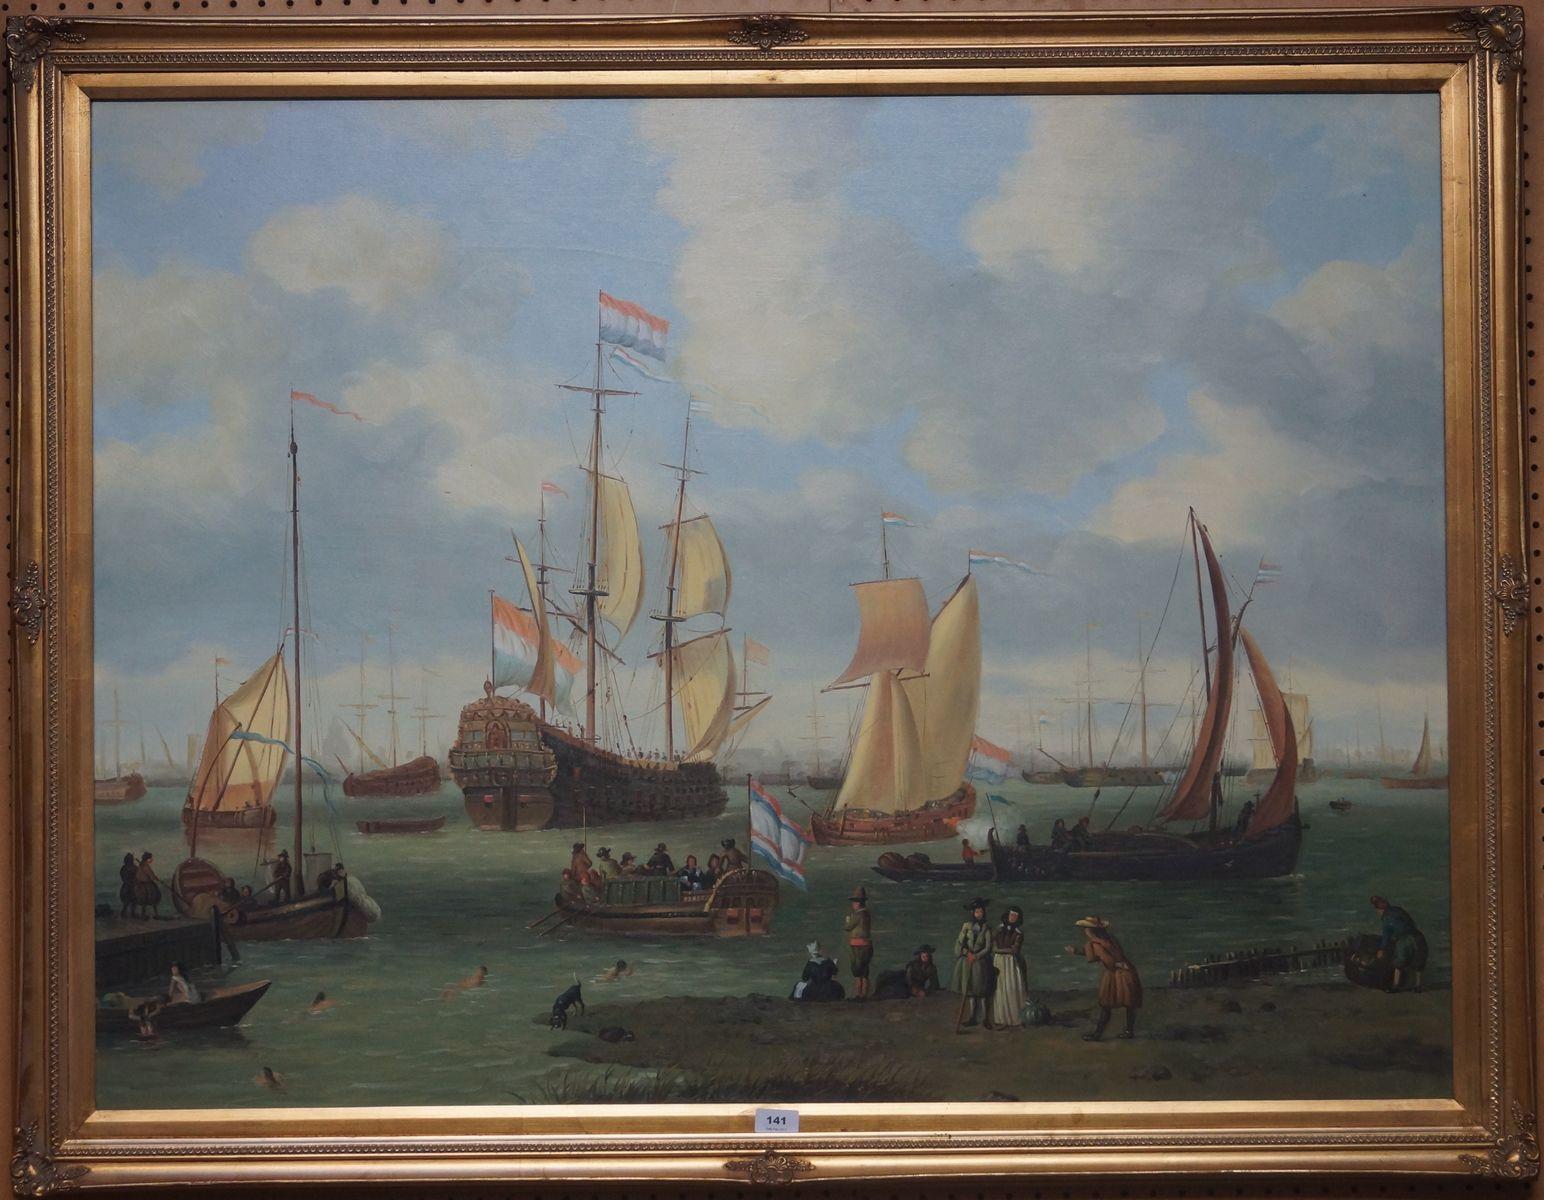 Naar Abraham Storck, olieverf op doek, schepen op het IJ in de 17e eeuw